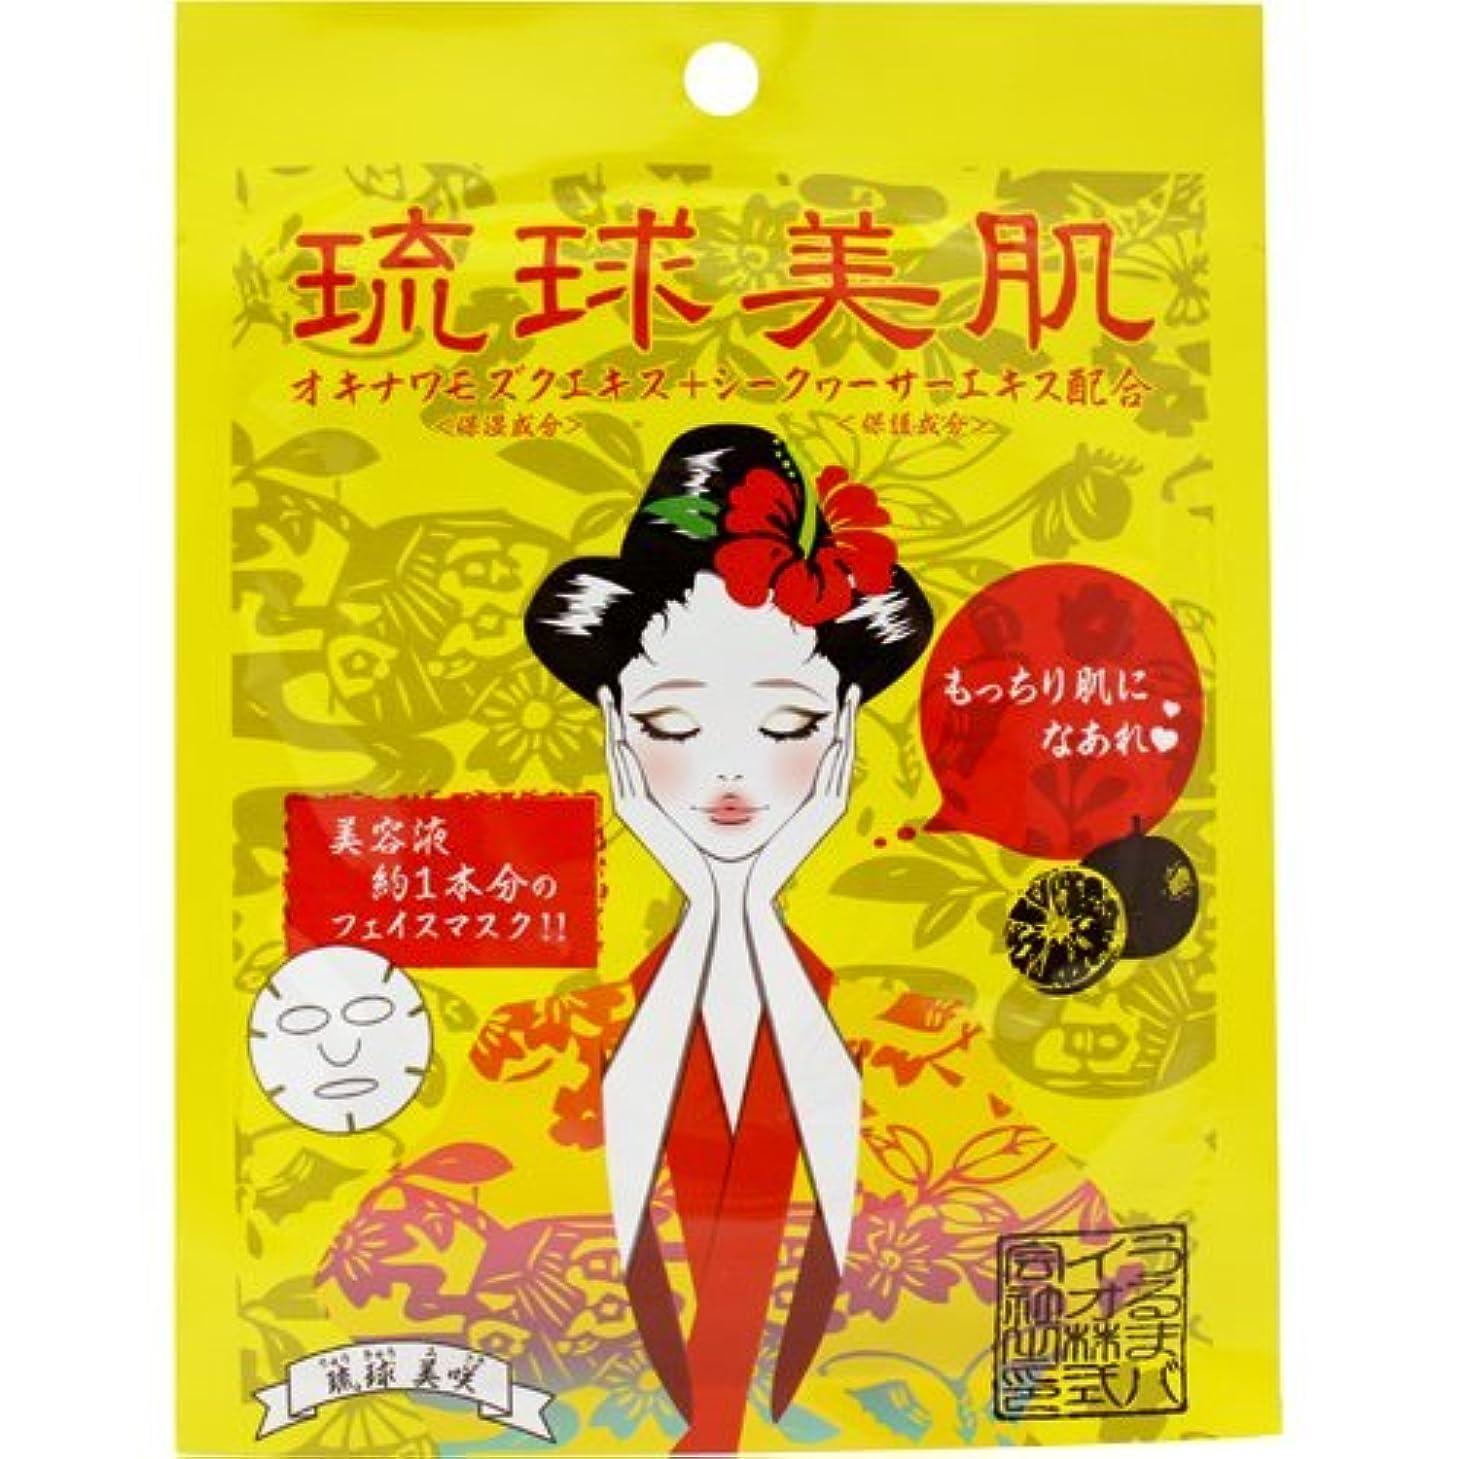 音節ボス従順な琉球美肌 フェイスマスクシート シークワーサー 10枚×3箱